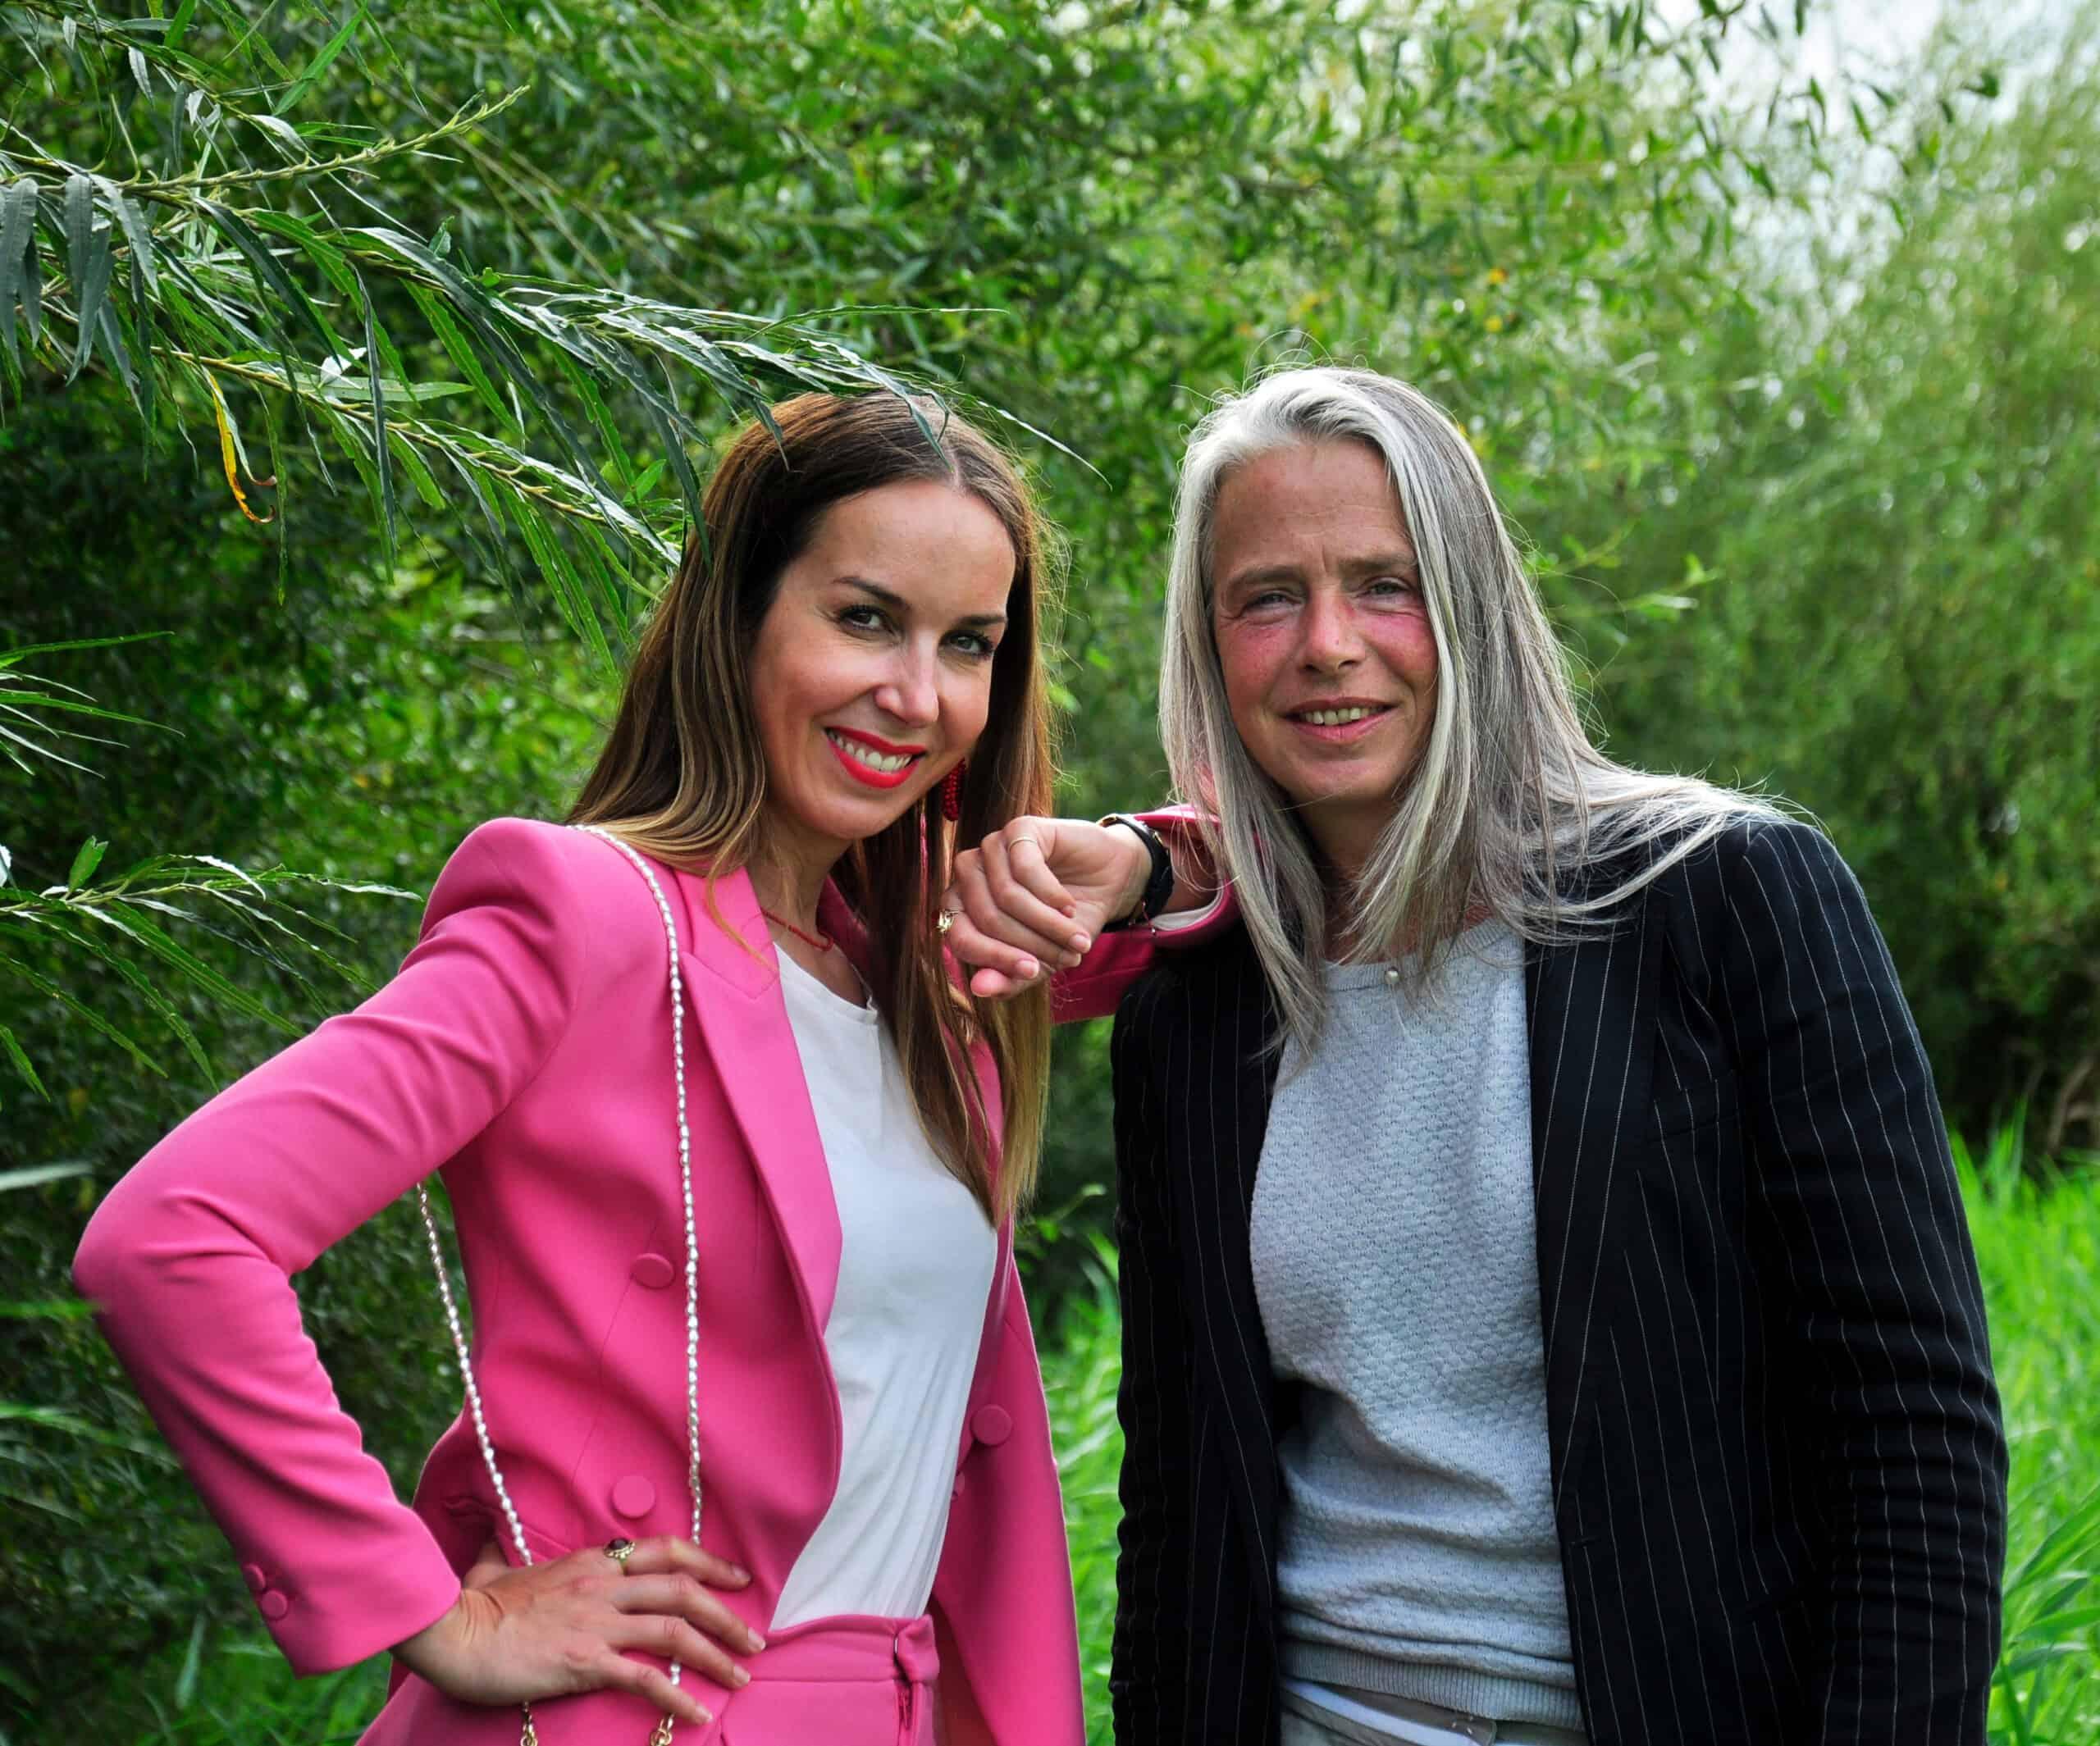 LCA experts Rachel Cannegieter & Natascha van der Velden